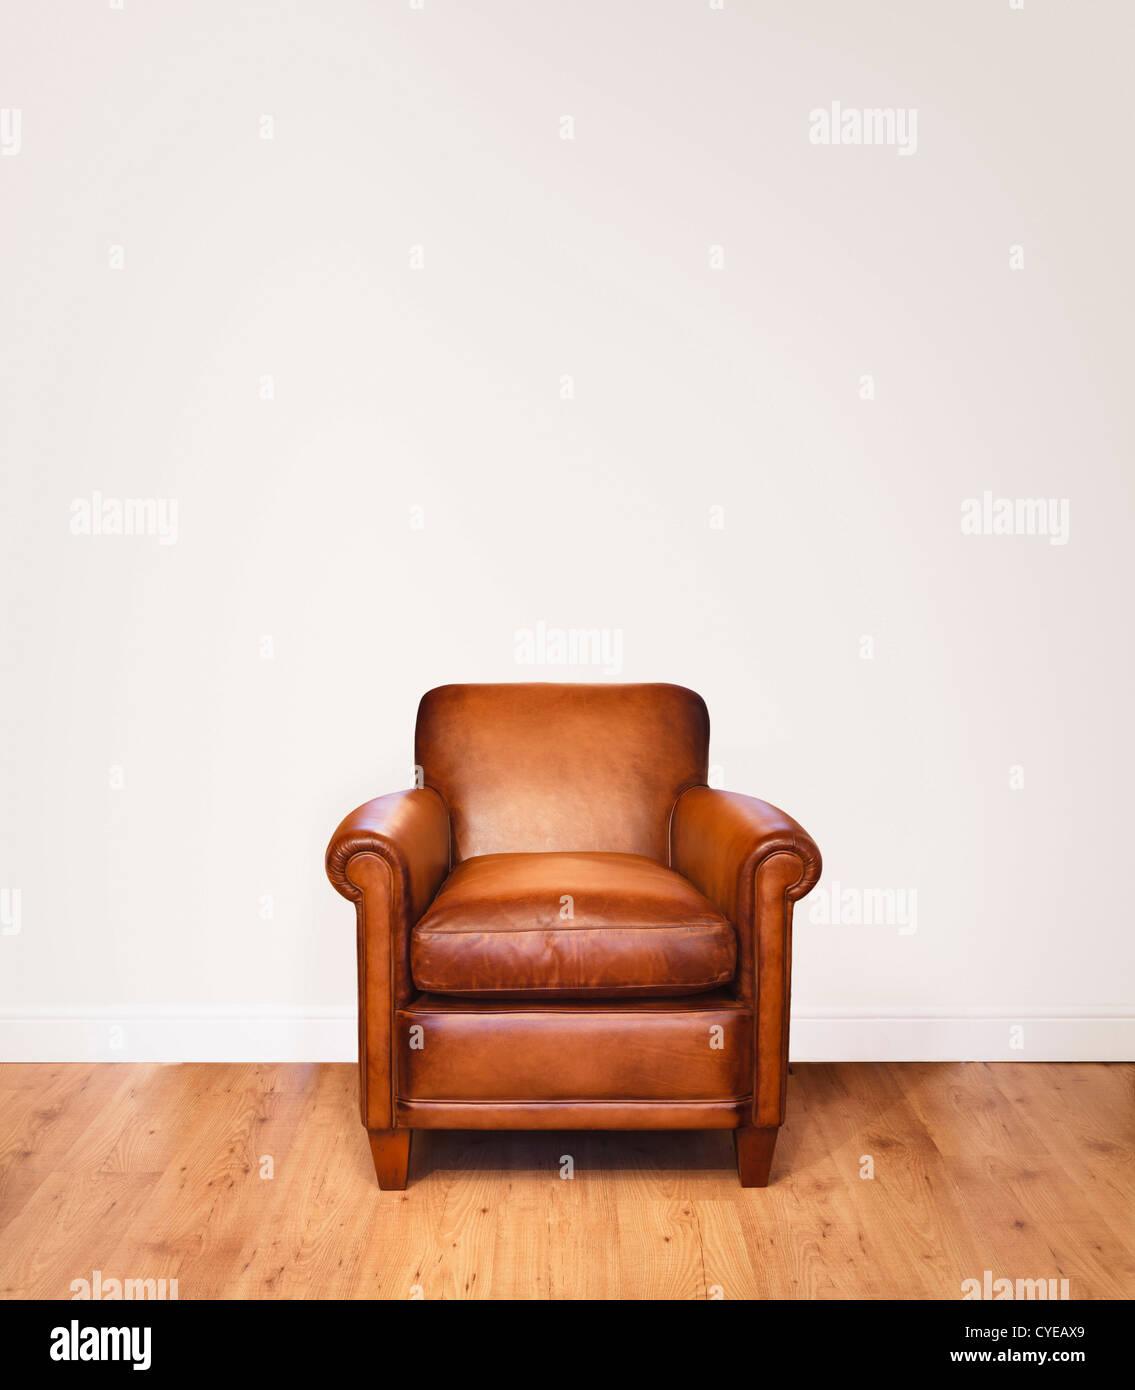 Fauteuil en cuir sur un plancher en bois sur un fond blanc avec beaucoup d'espace pour copier. Le mur a un chemin Photo Stock